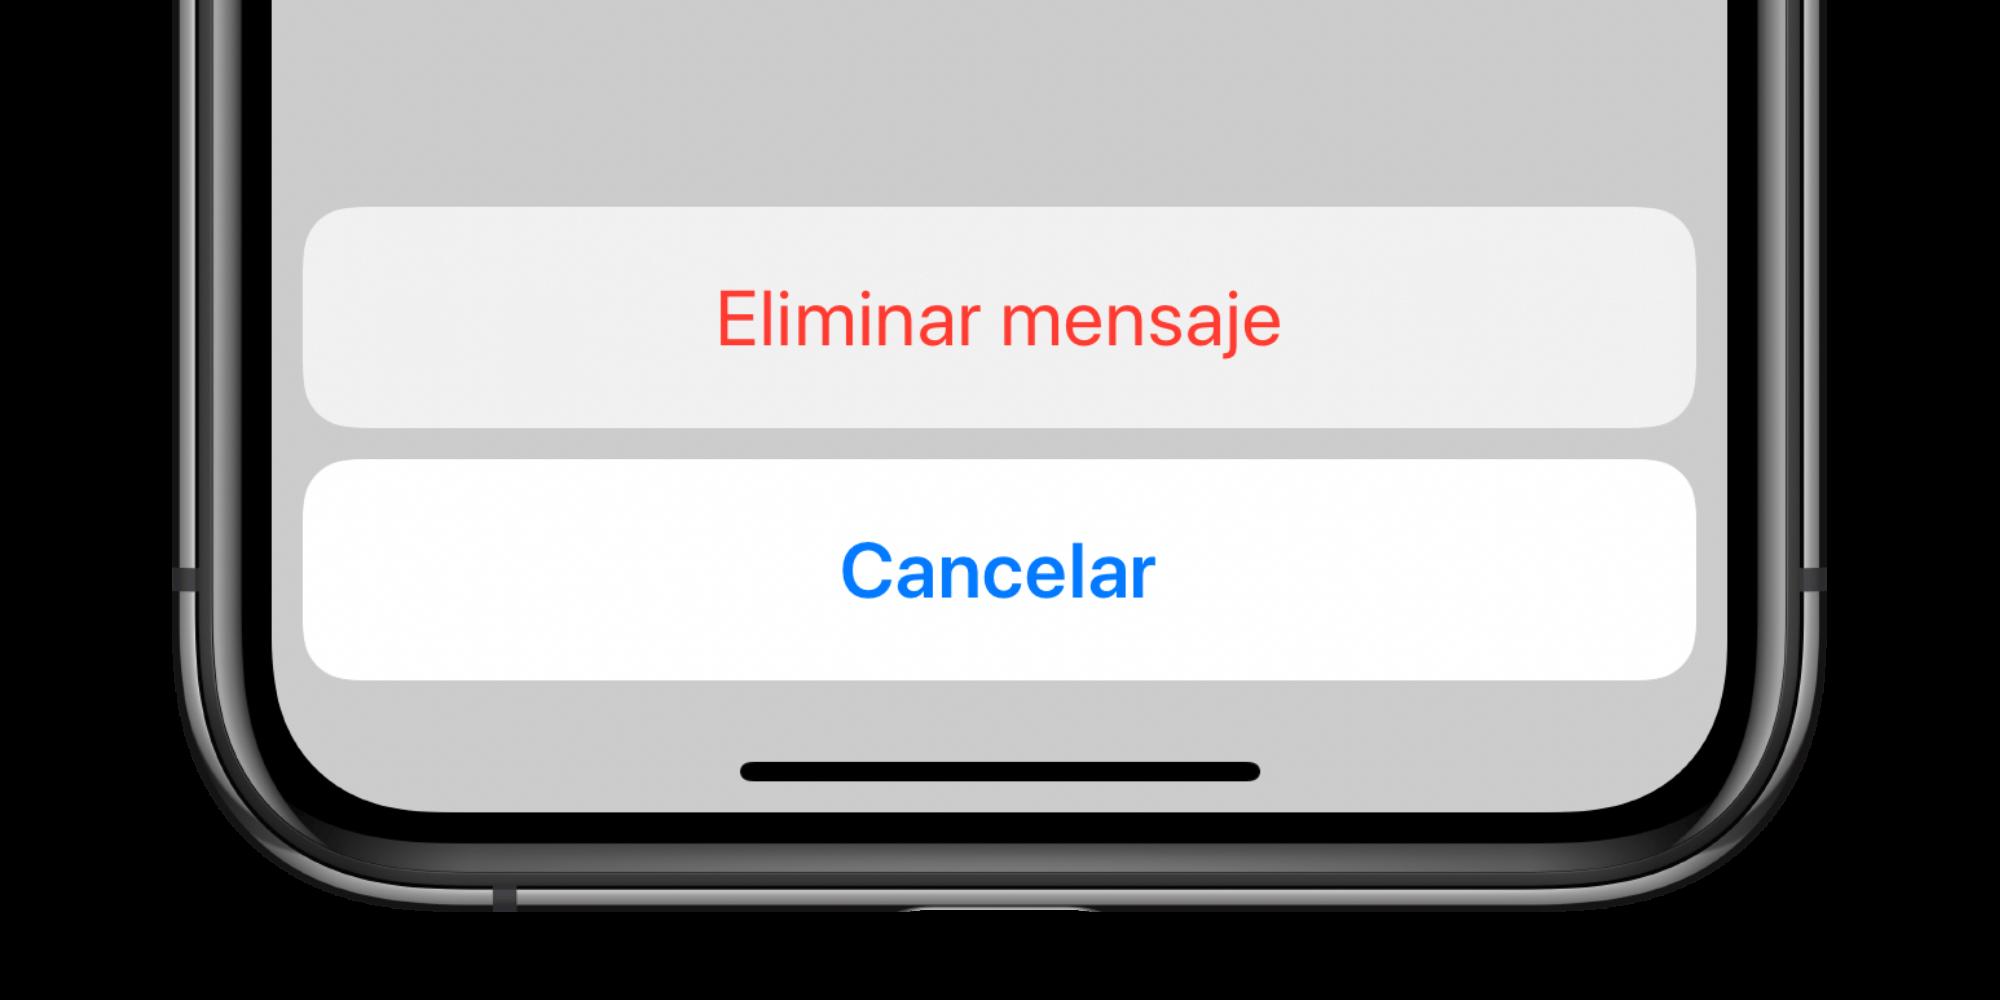 Confirmación antes de borrar el correo electrónico - Hoy en Apple